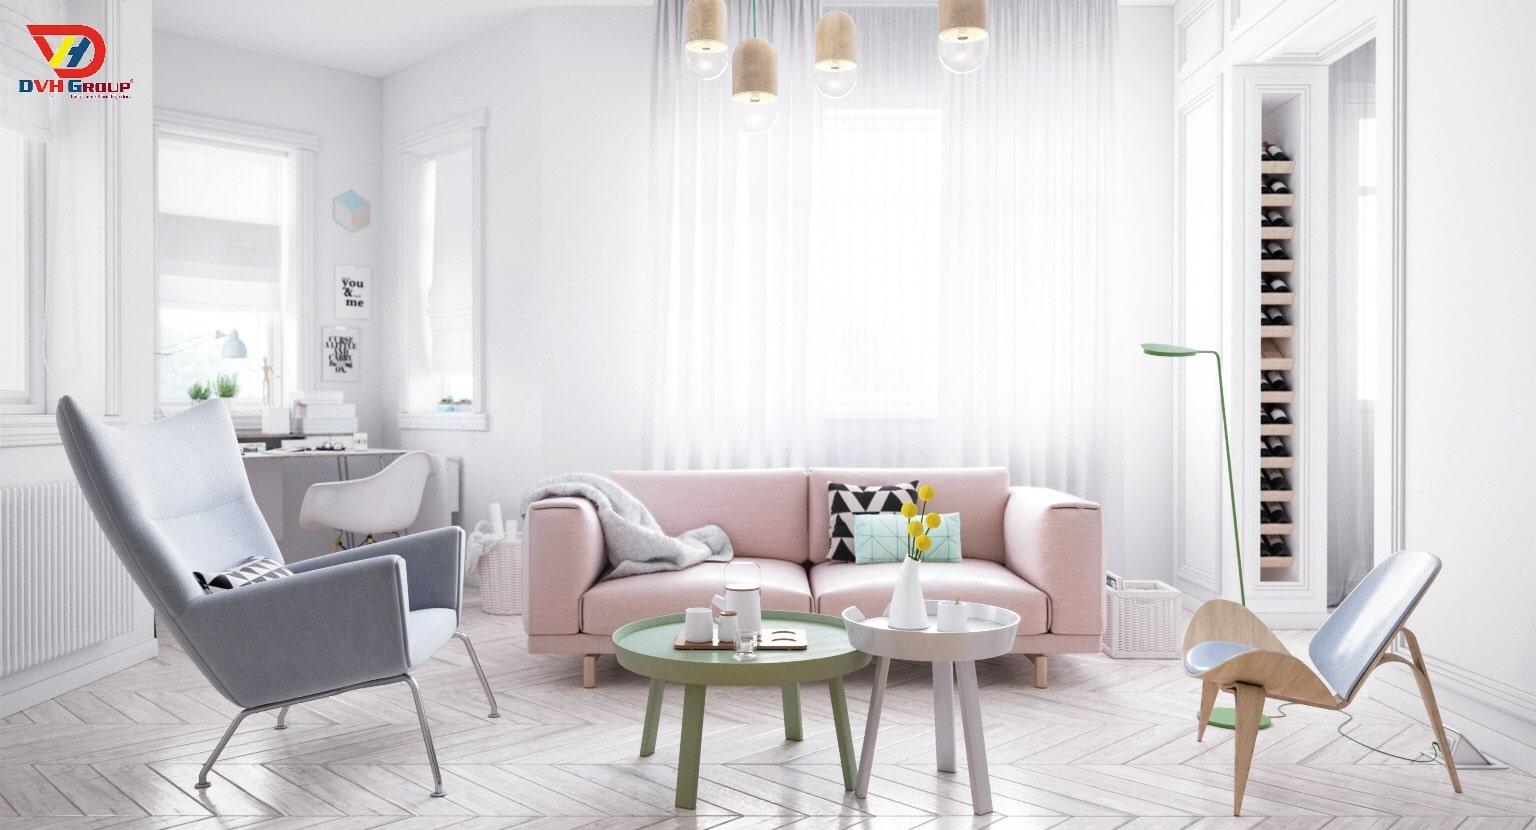 Thiết kế nội thất căn hộ chung cư-tone màu sáng